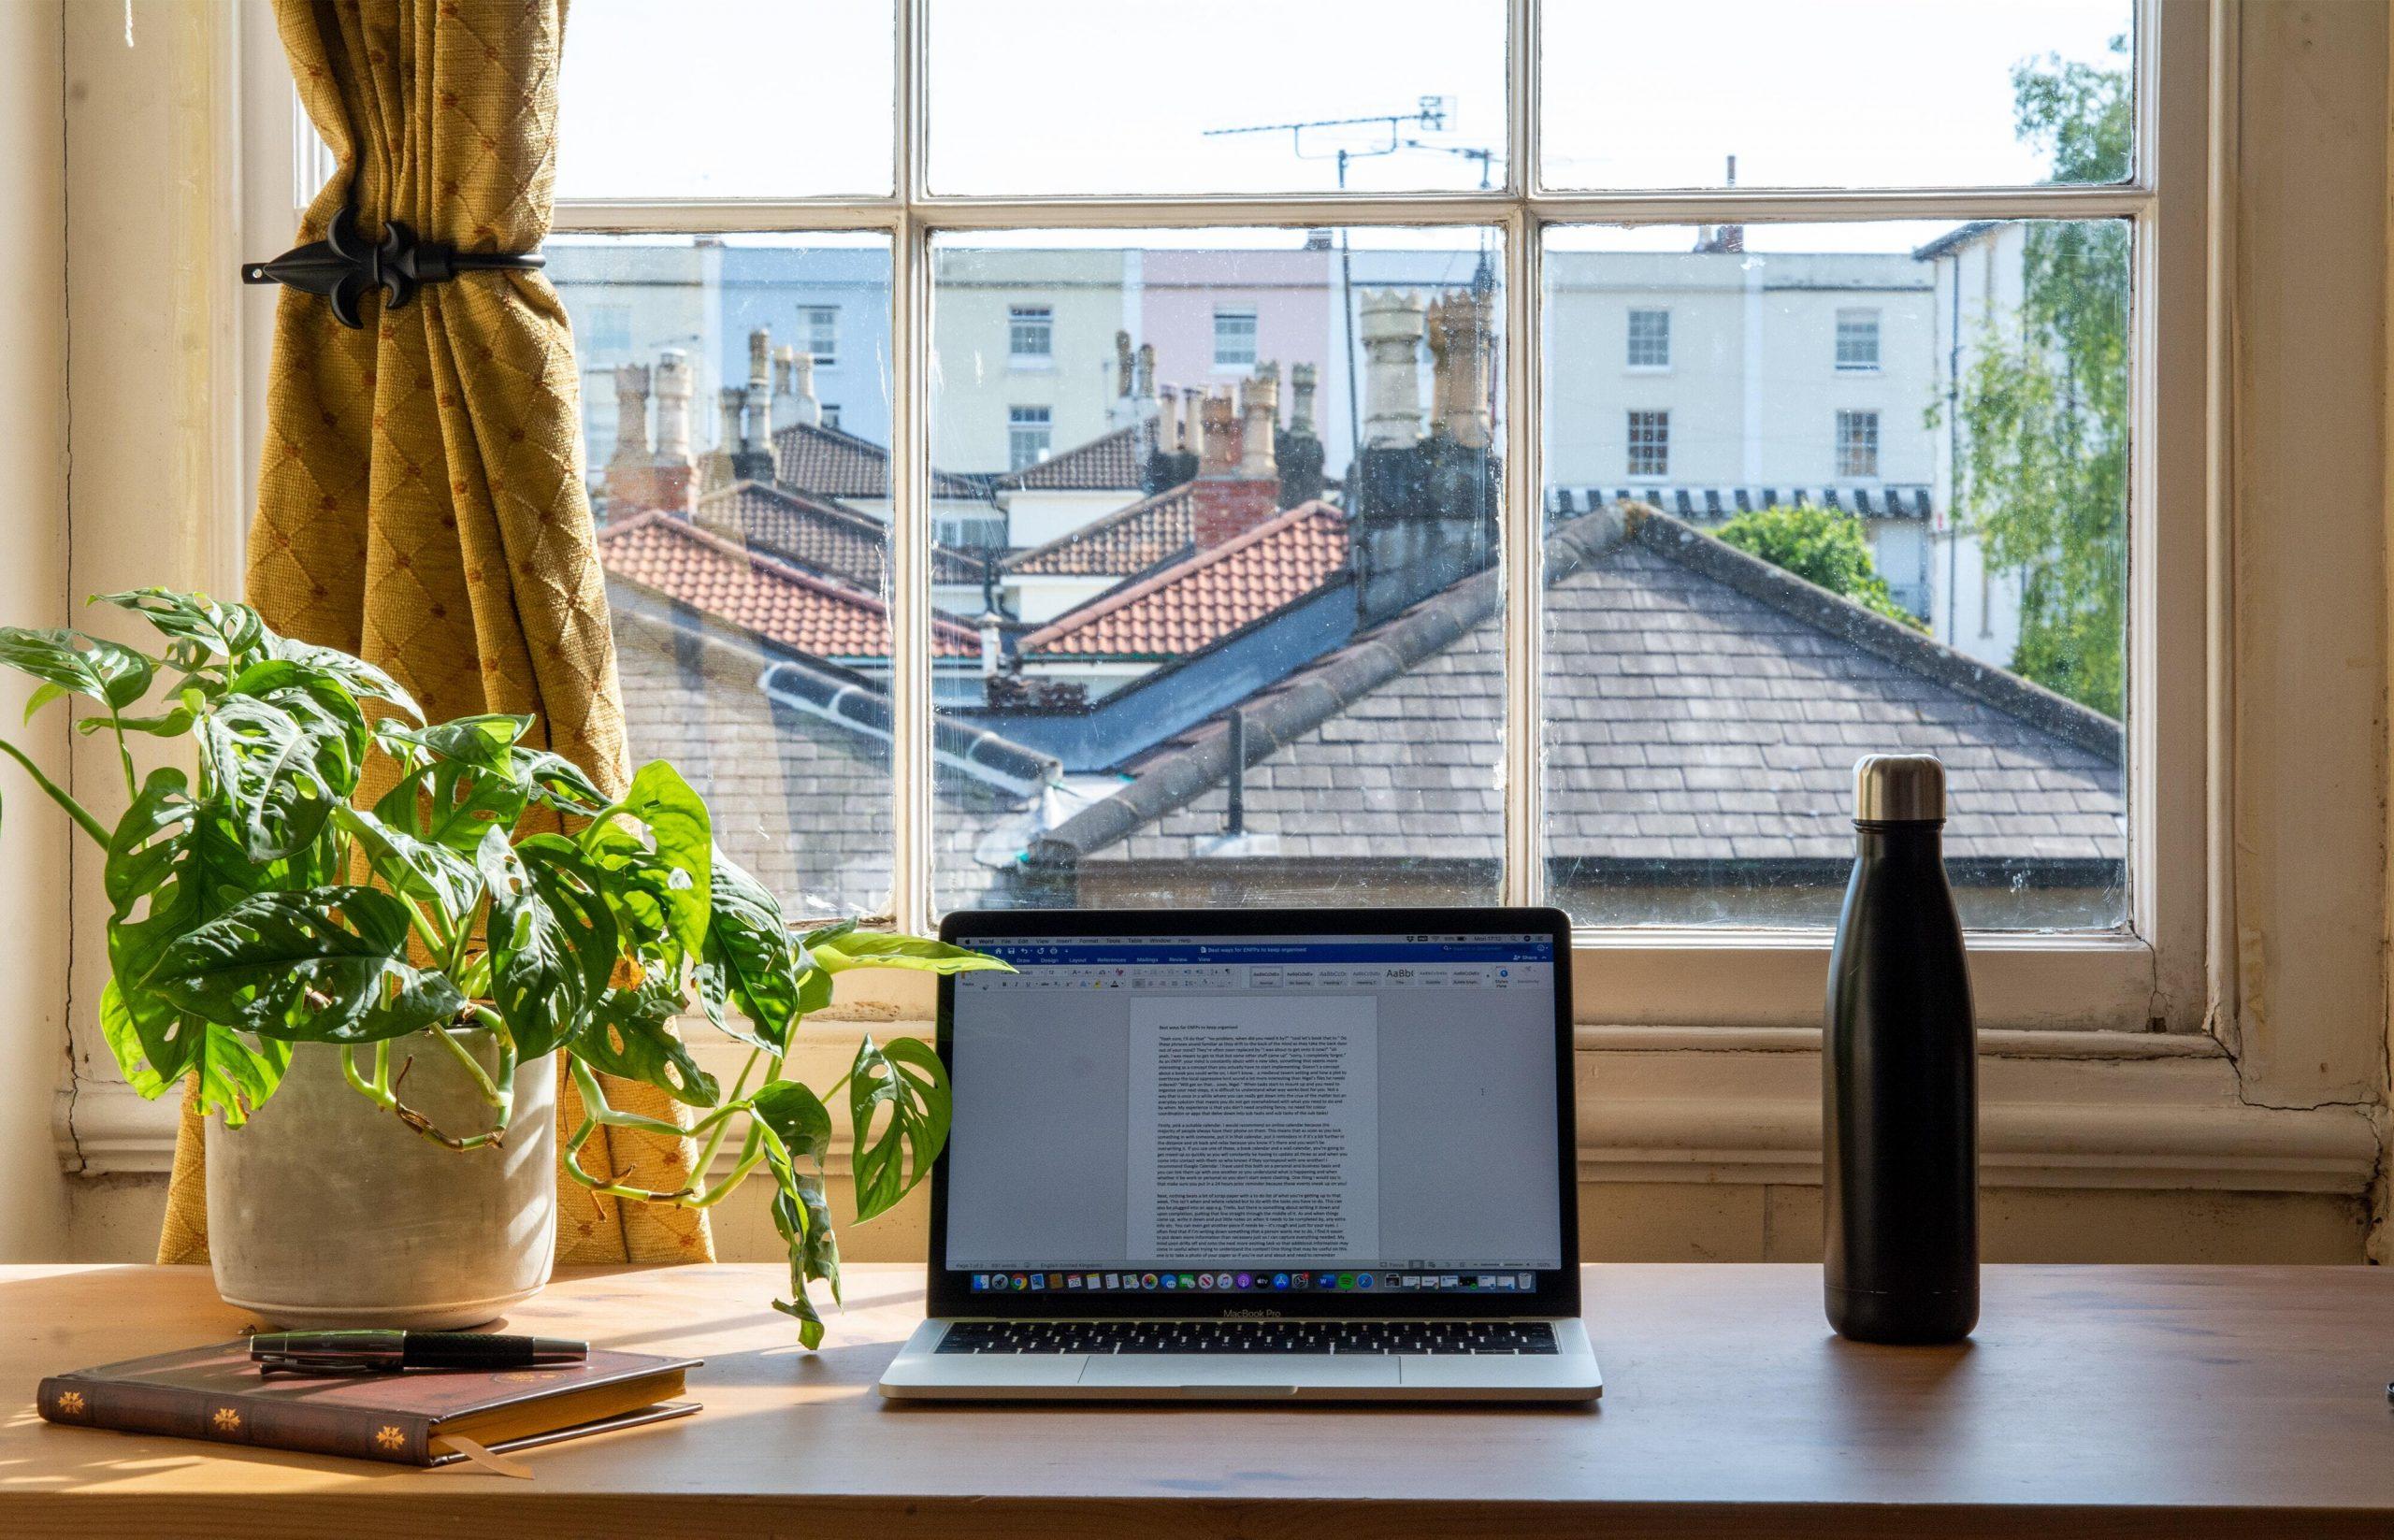 Télétravail : 6 astuces pour optimiser votre efficacité | MovingWaldo